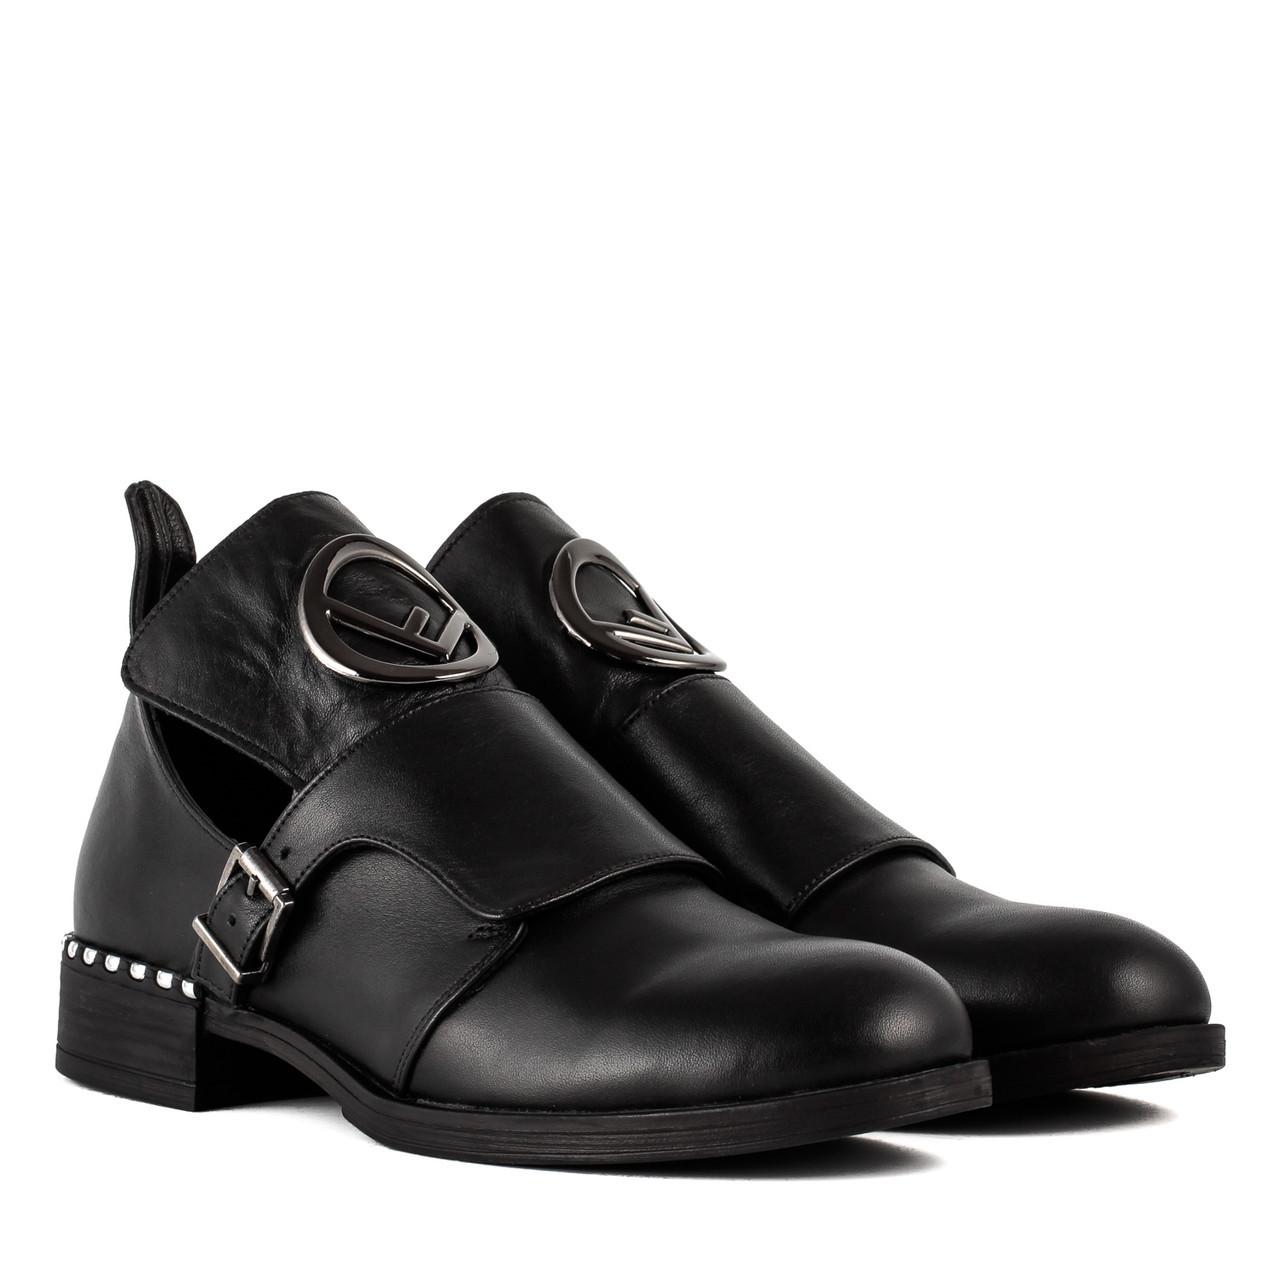 cbb812e4d Туфли женские Aquamarin (модные, качественные, удобные) - Інтернет -  магазин жіночого та